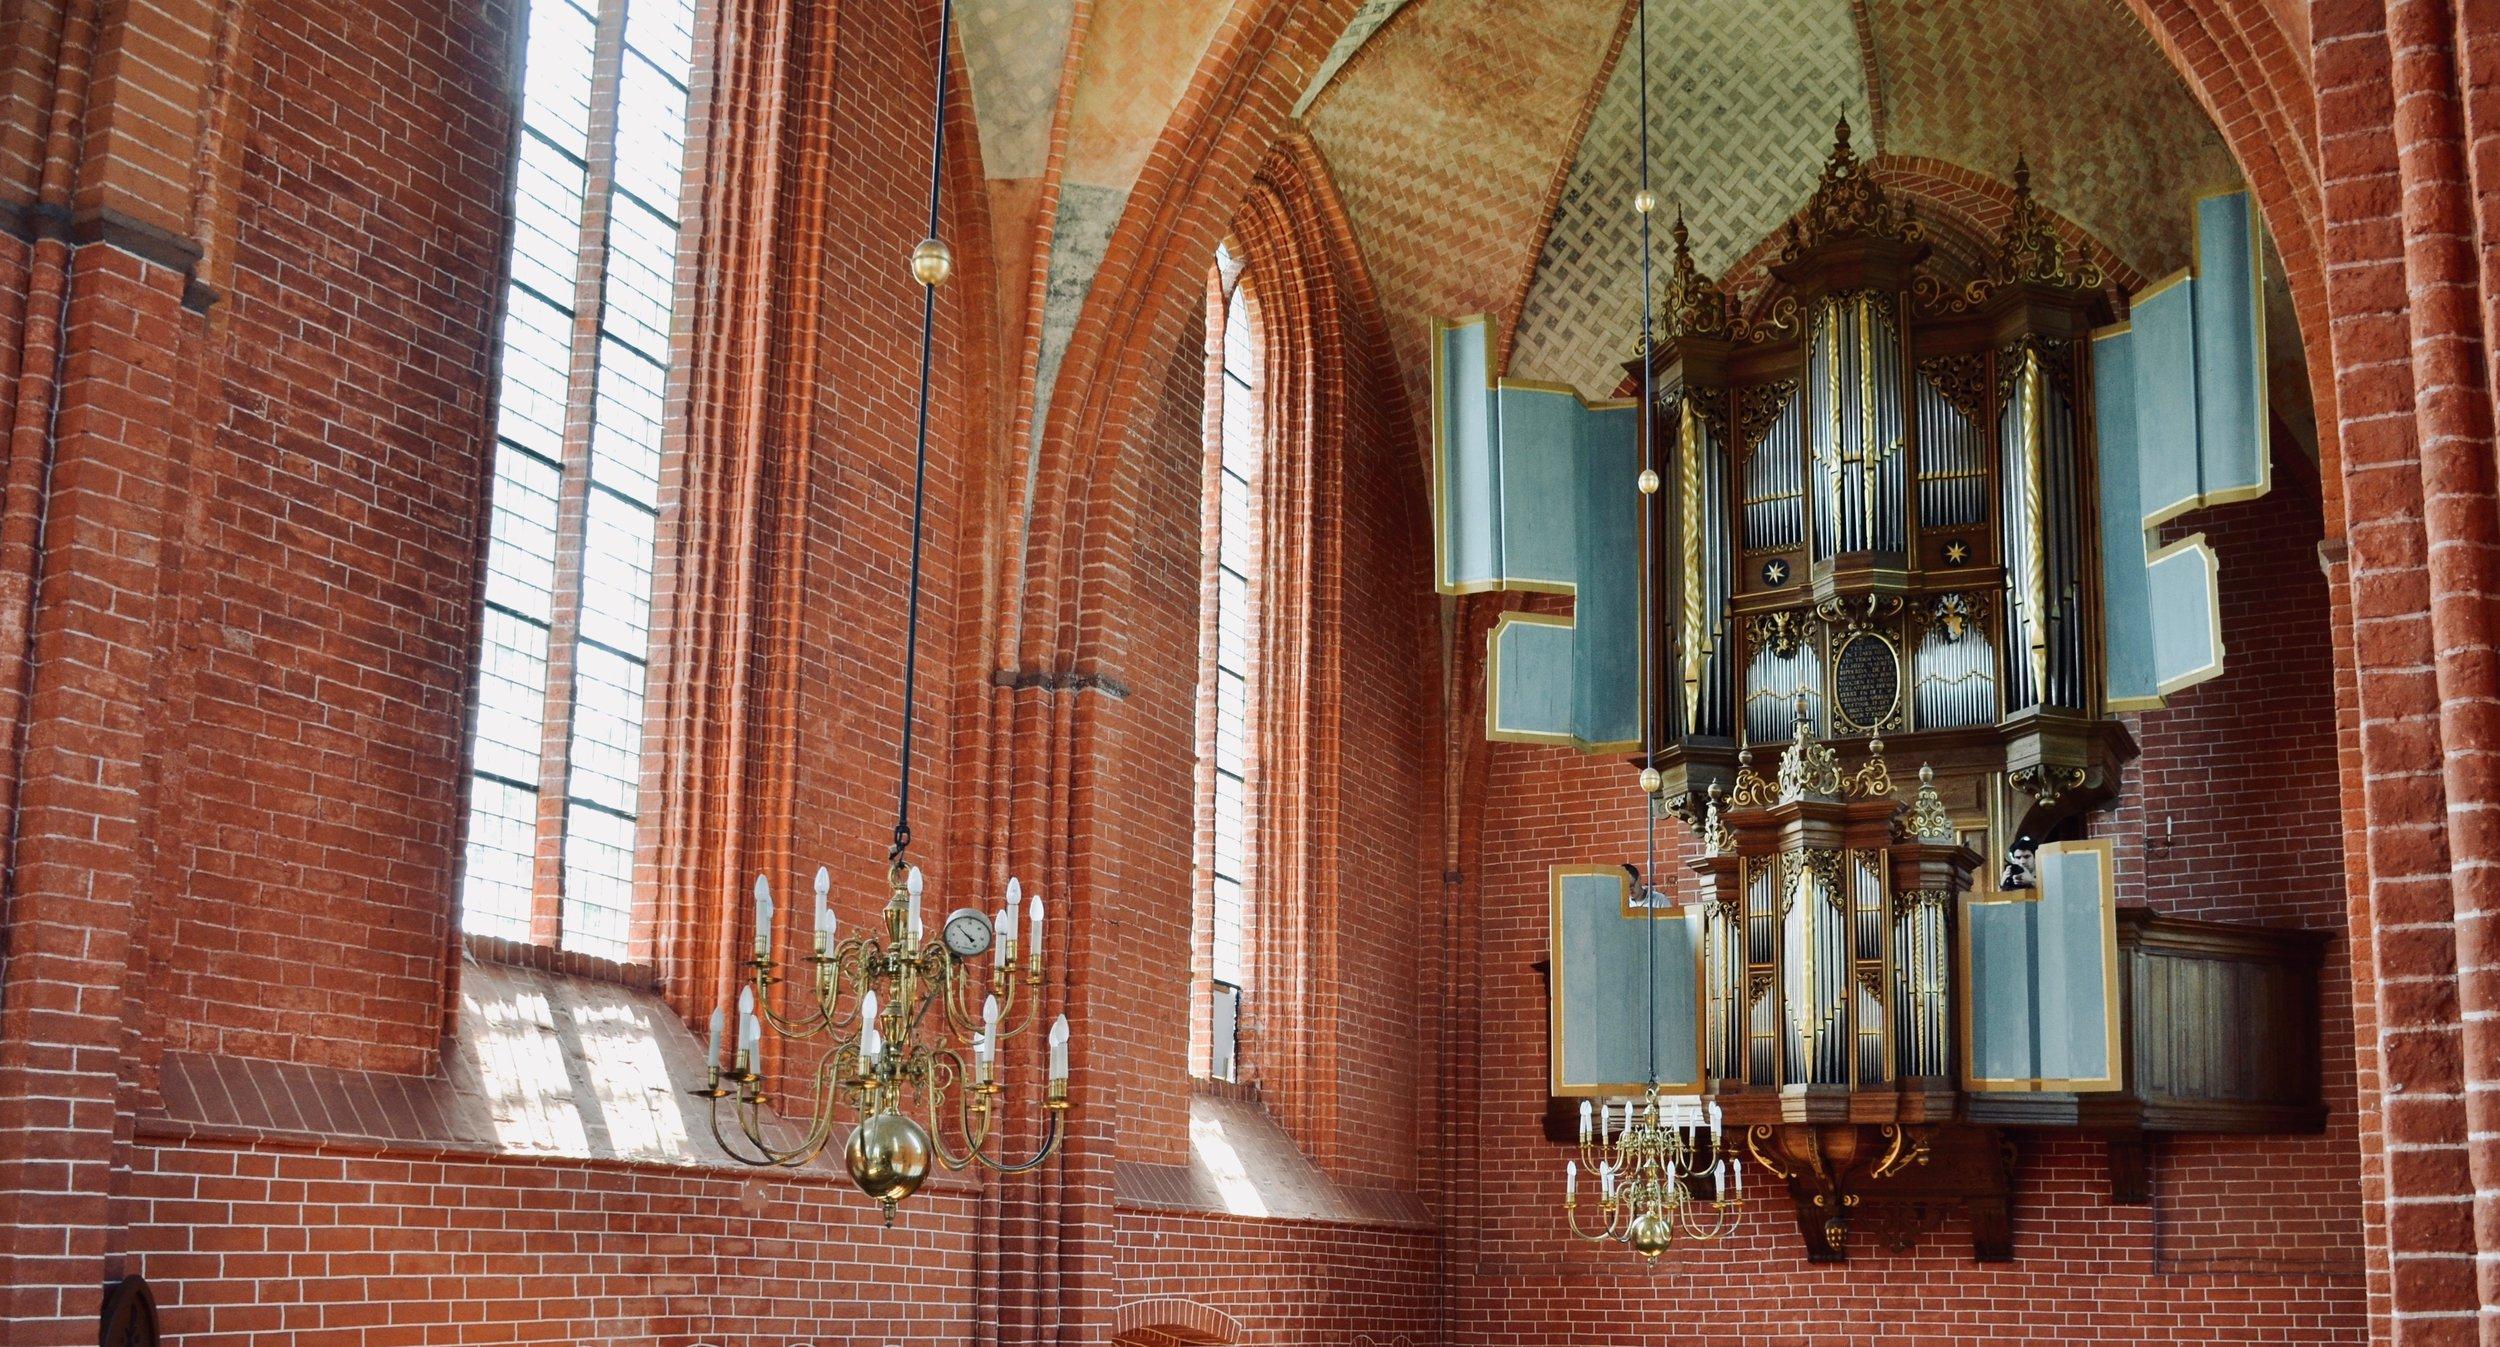 The 1651 Faber organ in Zeerijp, Holland.